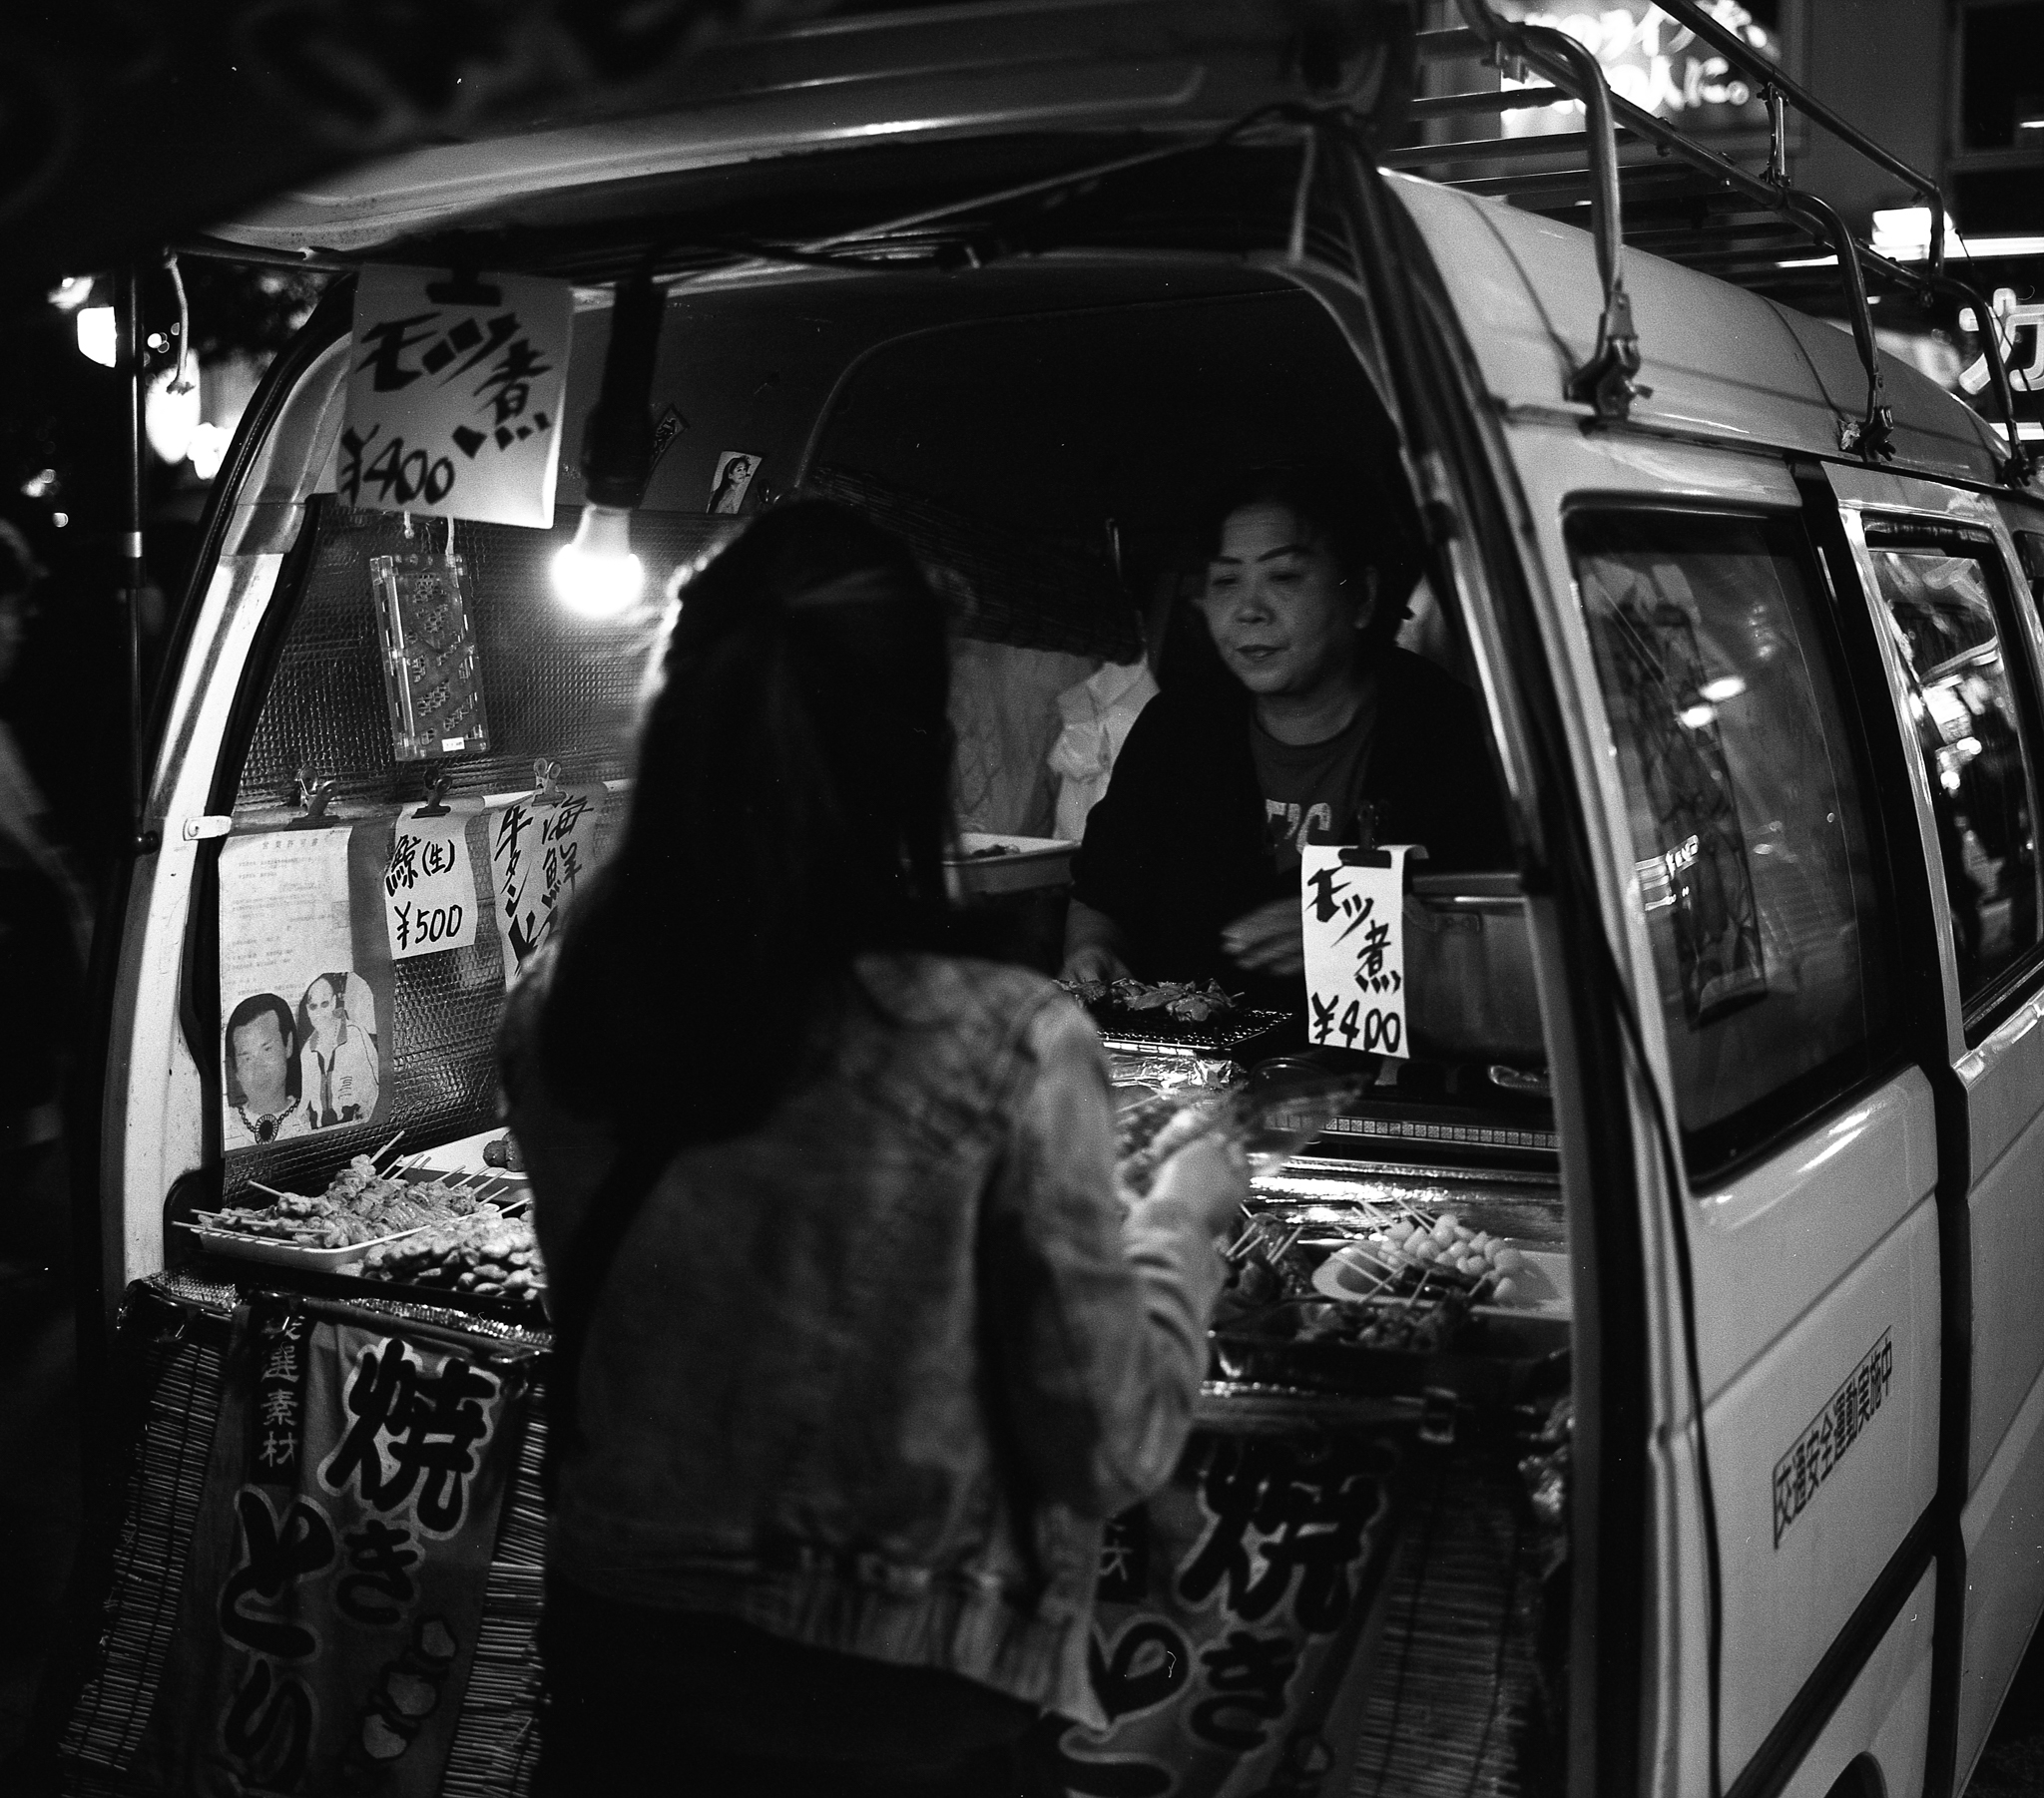 Street Food in Tokyo (Mamiya 7ii Ilford HP5+)